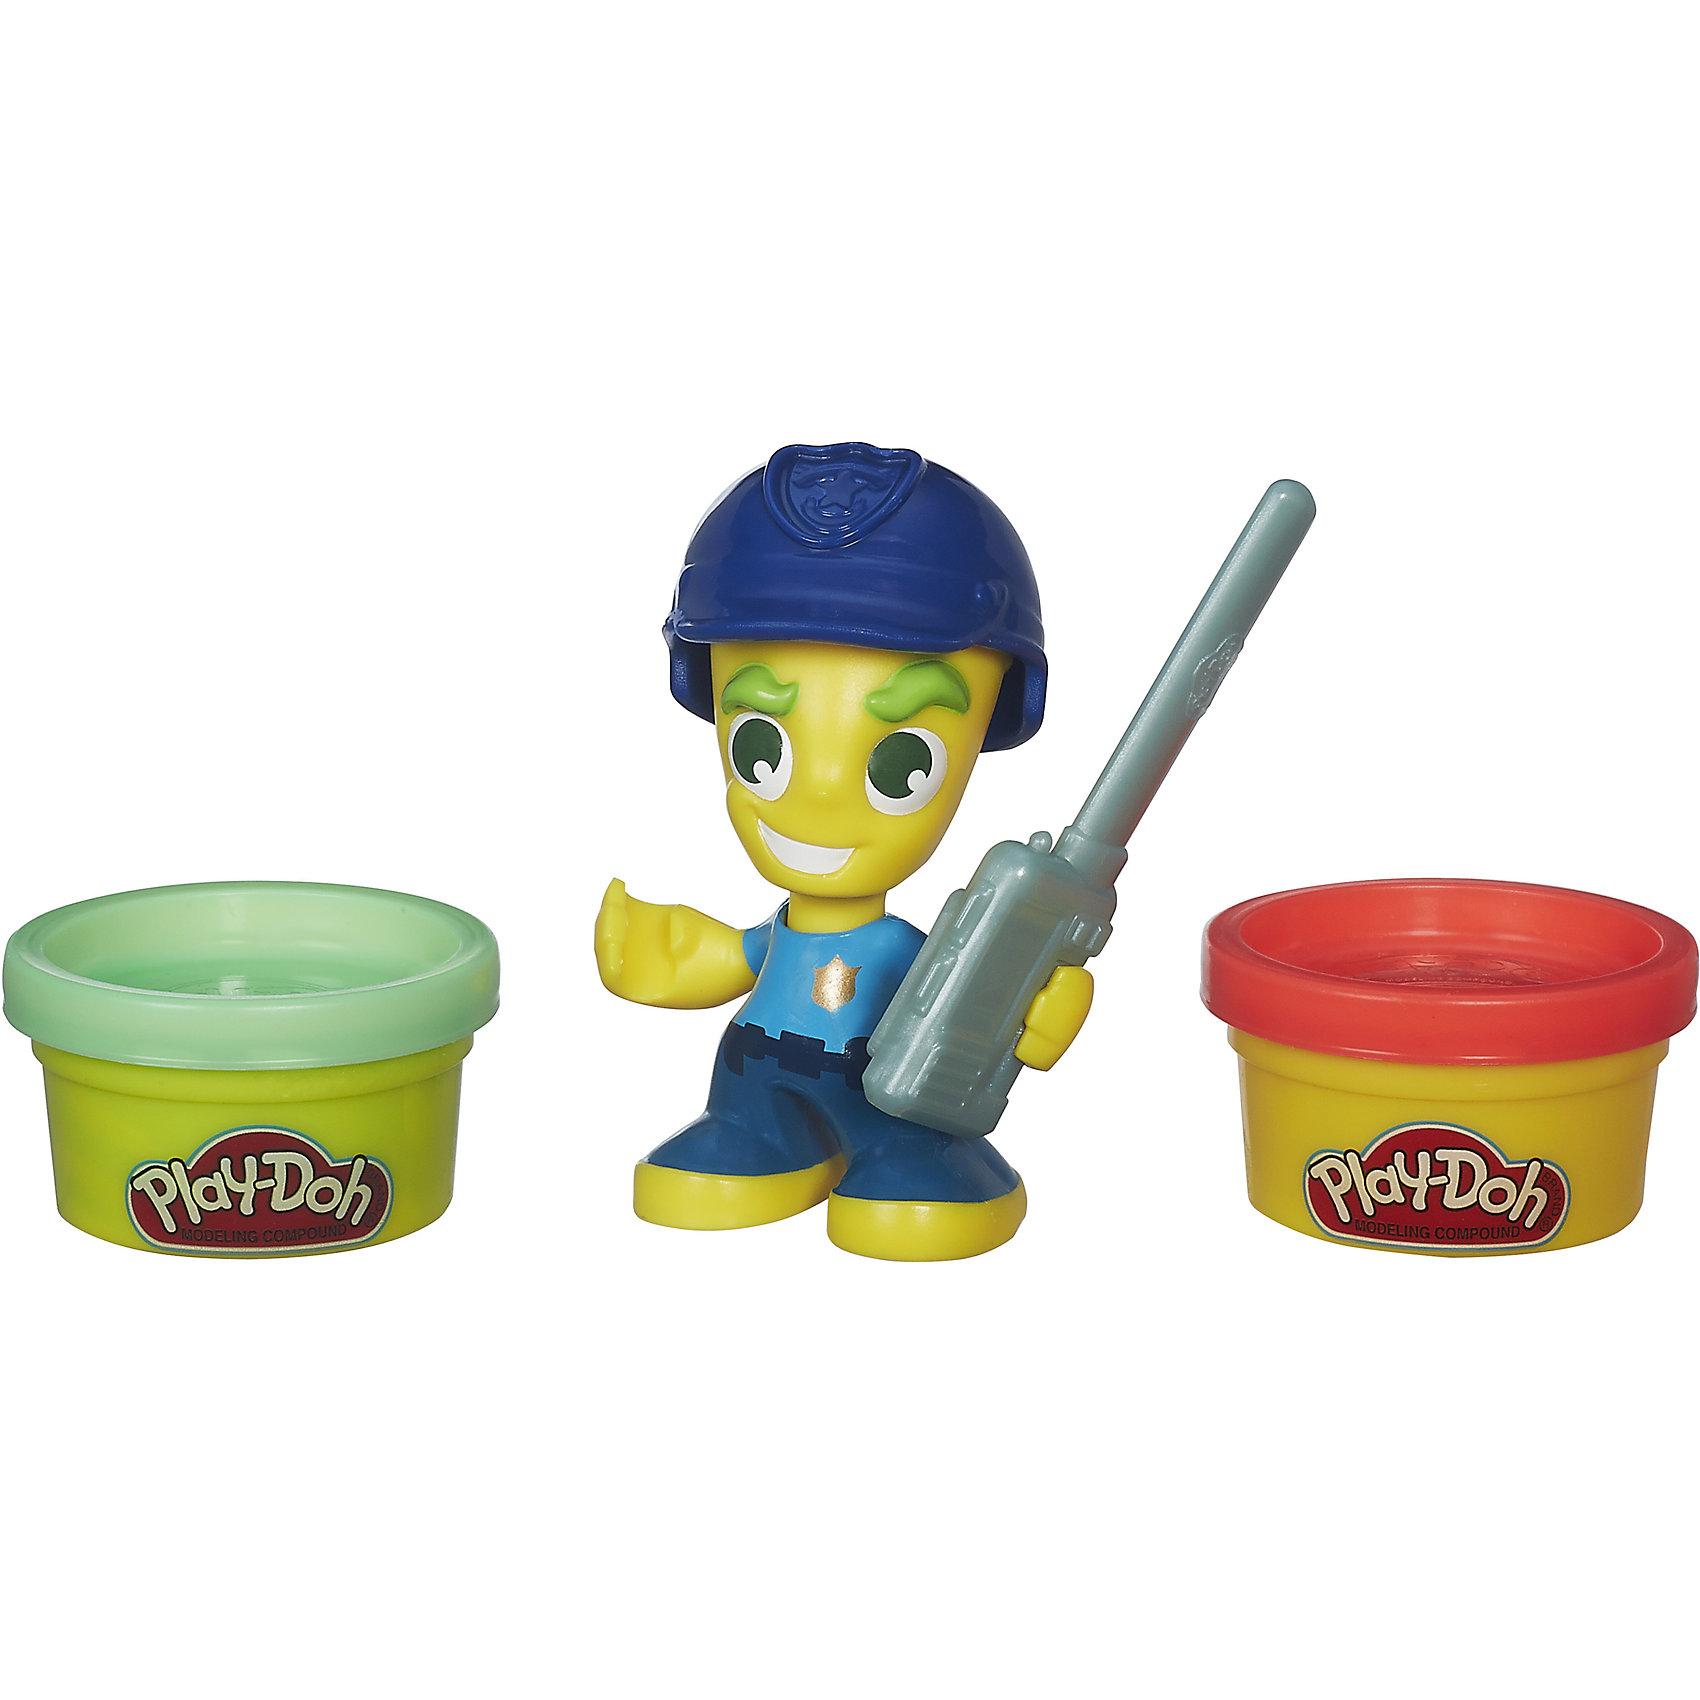 Hasbro Игровой набор Фигурки, Город, Play-Doh, B5960/B5979 hasbro игровой набор магазинчик домашних питомцев play doh город